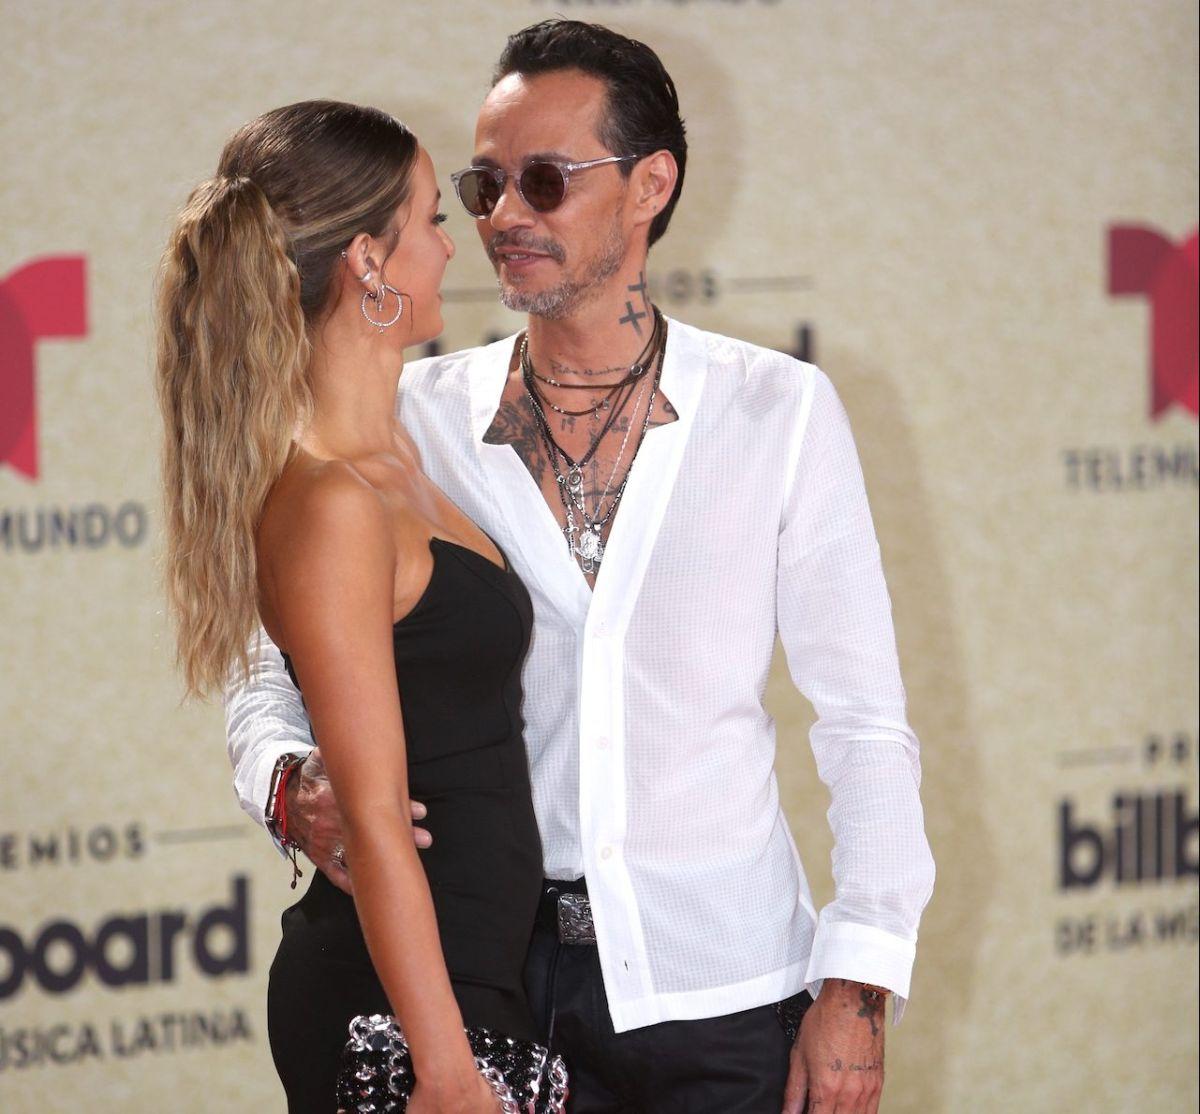 Marc Anthony con nueva novia en los Premios Billboard 2021 y la misma sorprende con lo joven que luce.